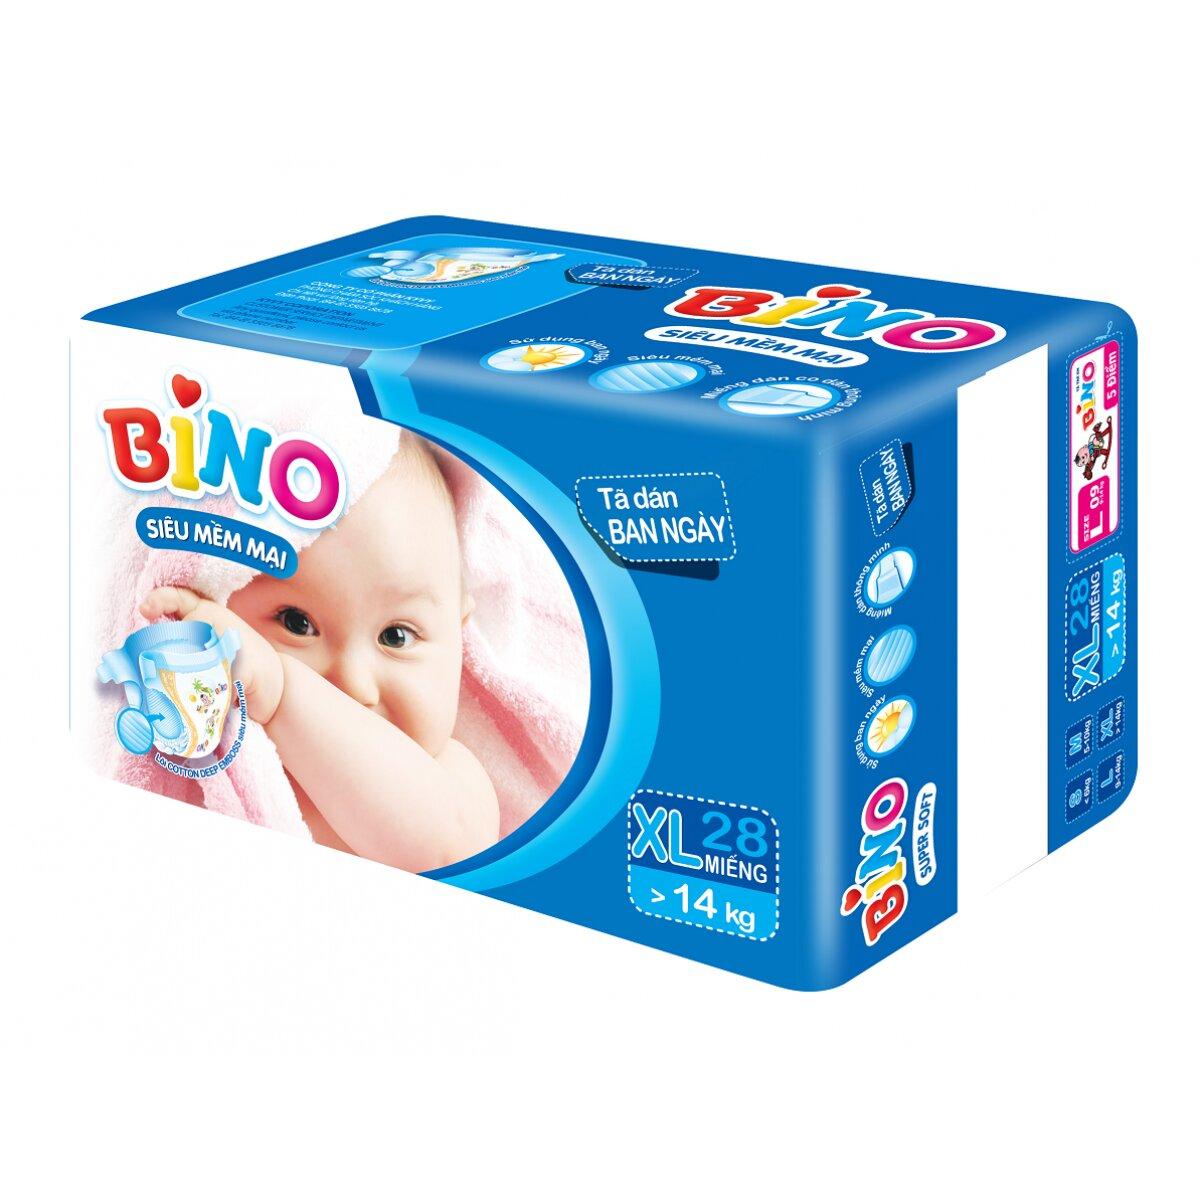 Bảng giá tã dán, tã quần Bino mới nhất cập nhật tháng 1/2016